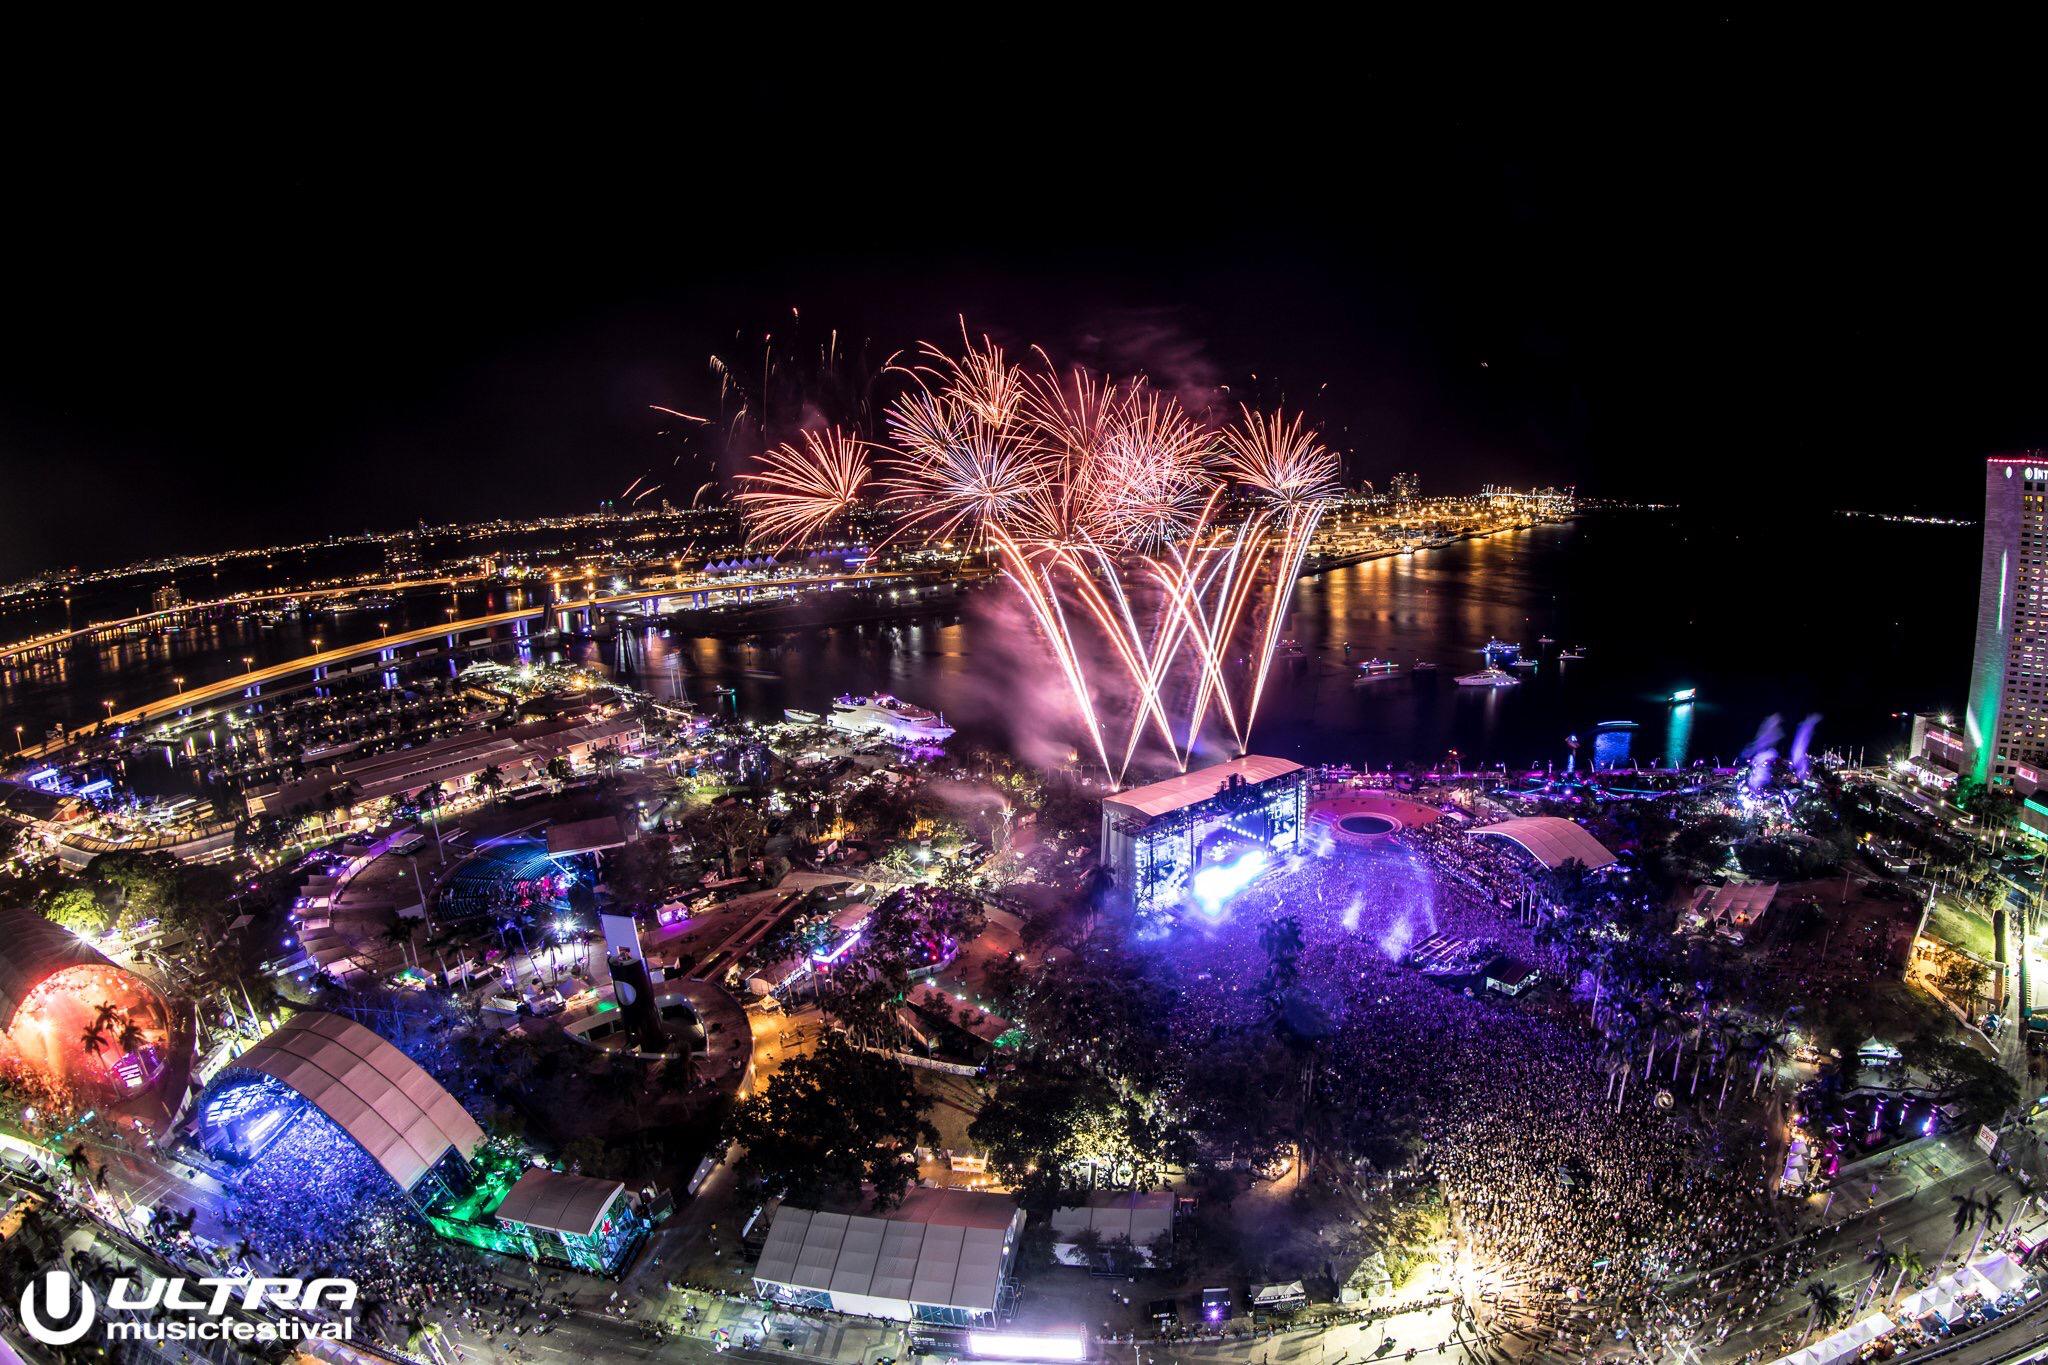 今年の「Ultra Music Festival 2018」で最も多くのDJからプレイされた曲トップ5を紹介!!